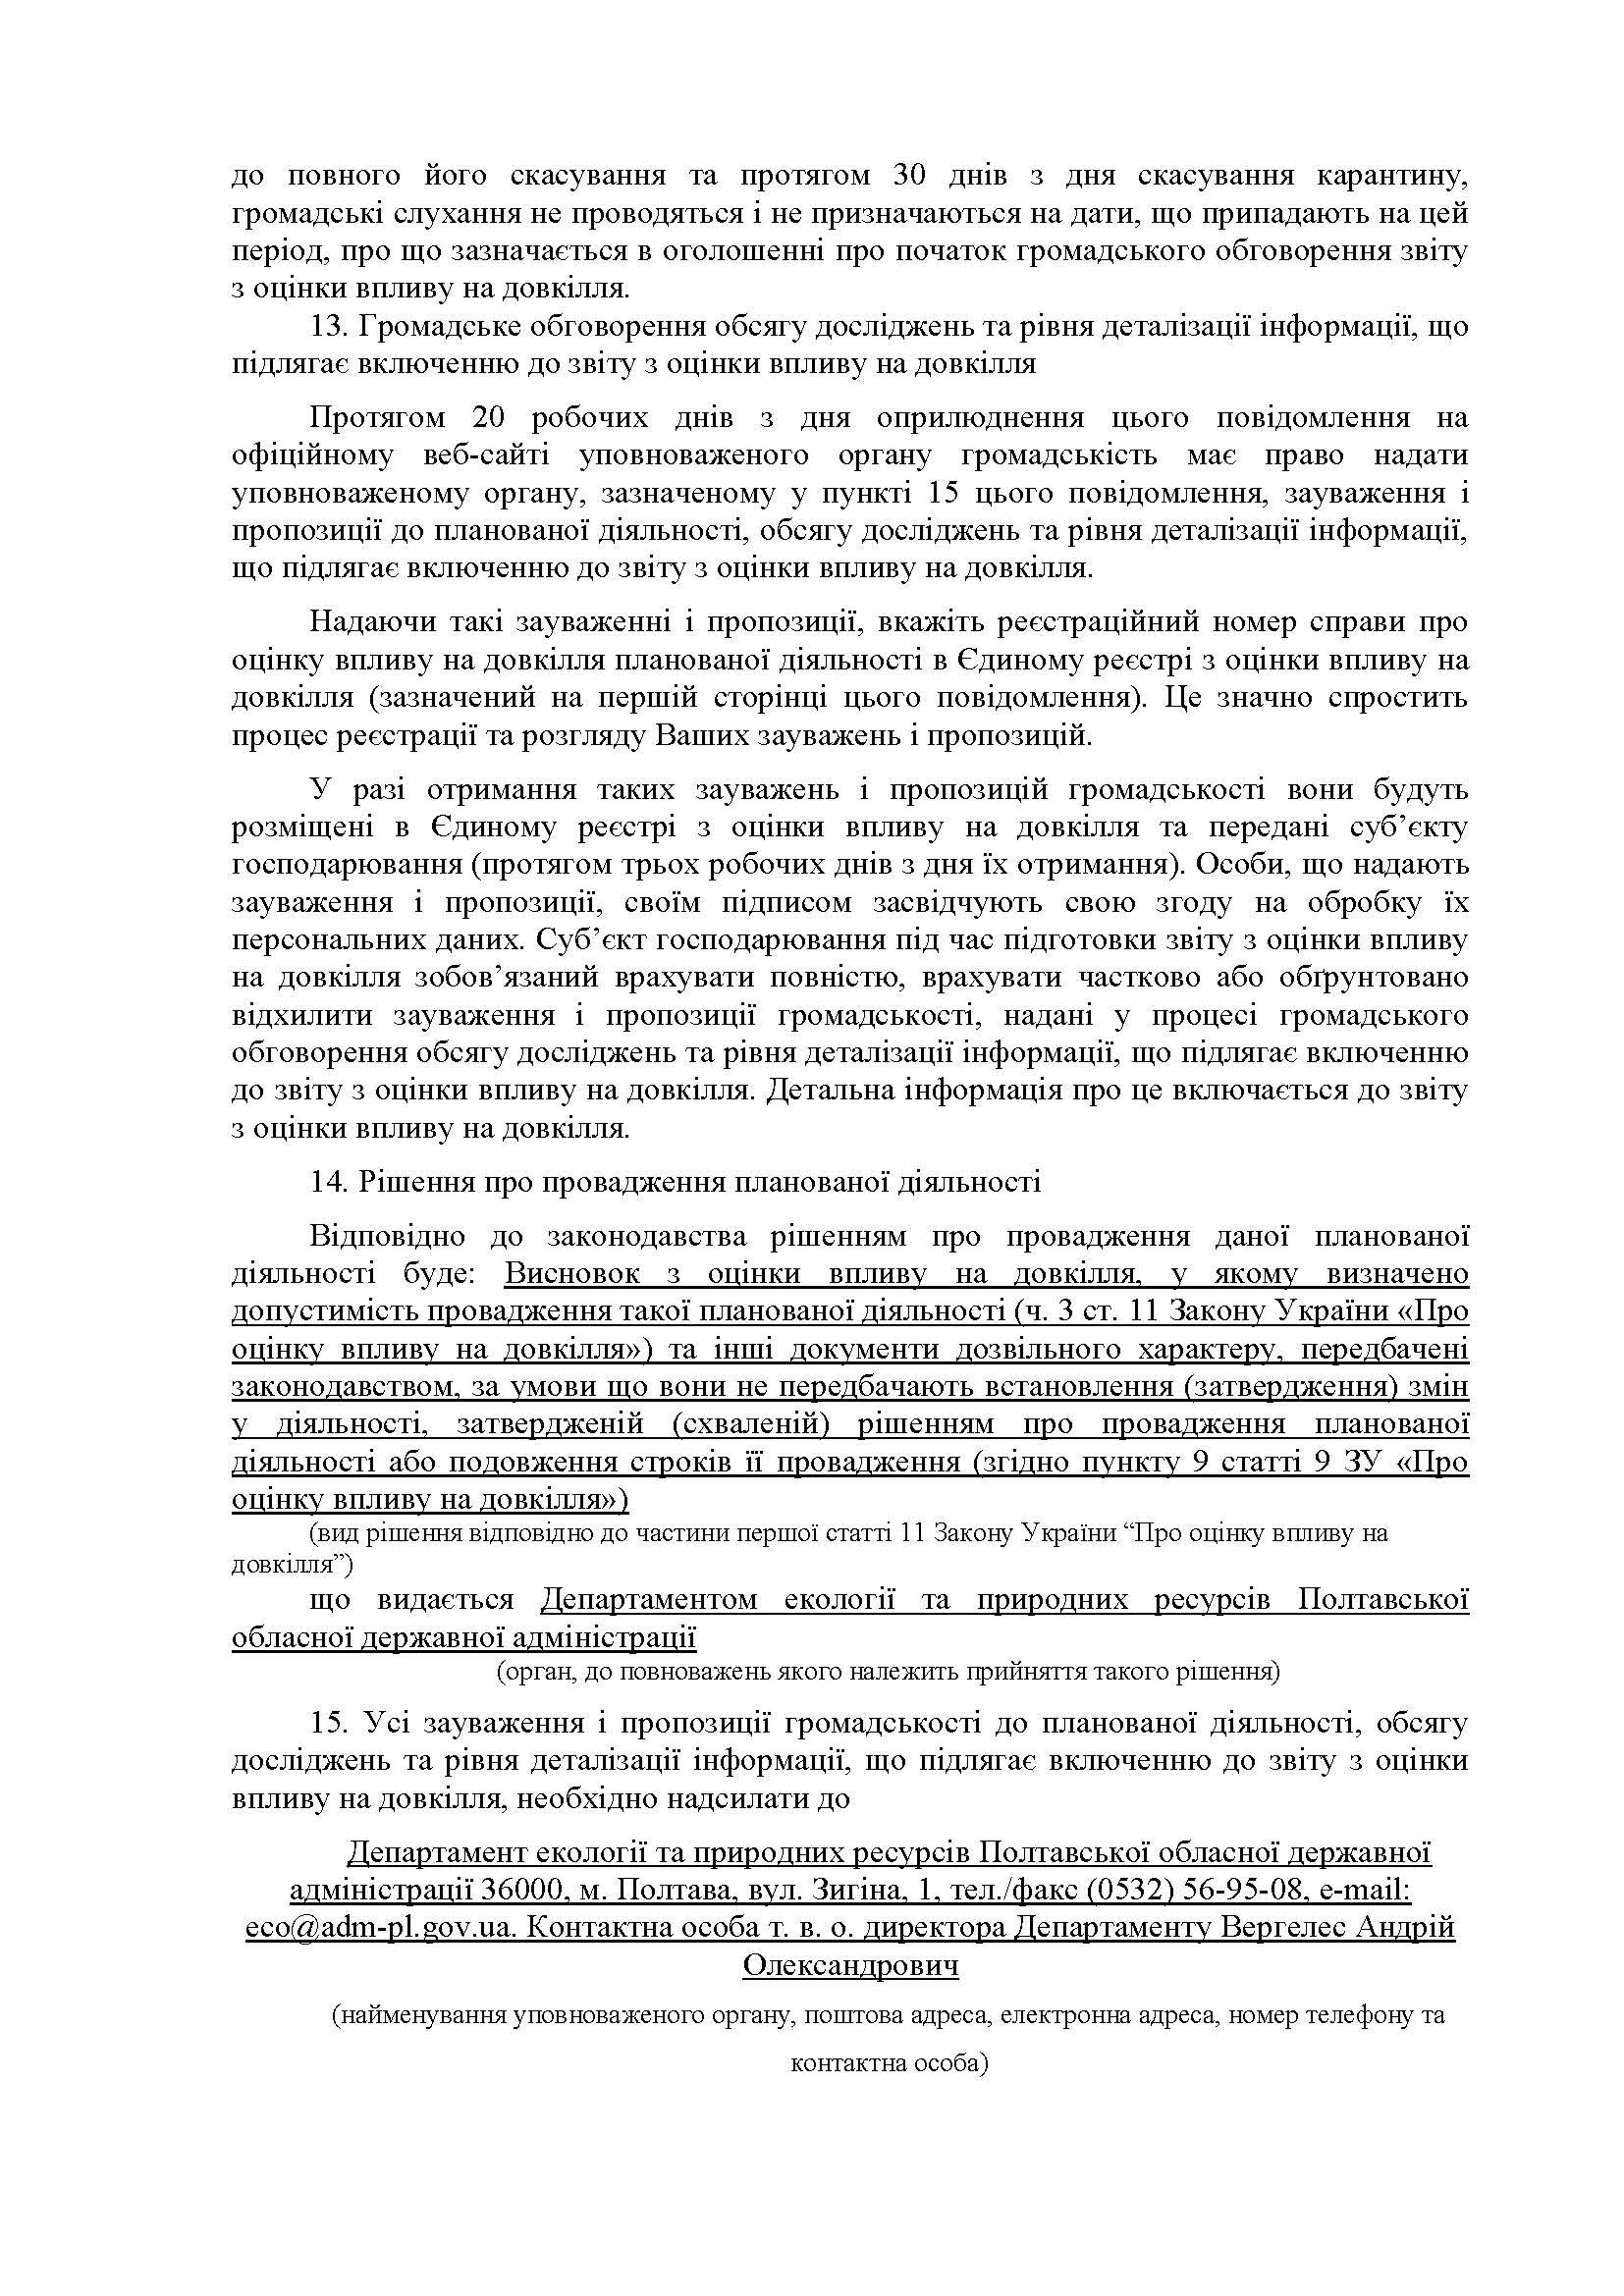 повідомлення про плановану діяльність_Страница_5